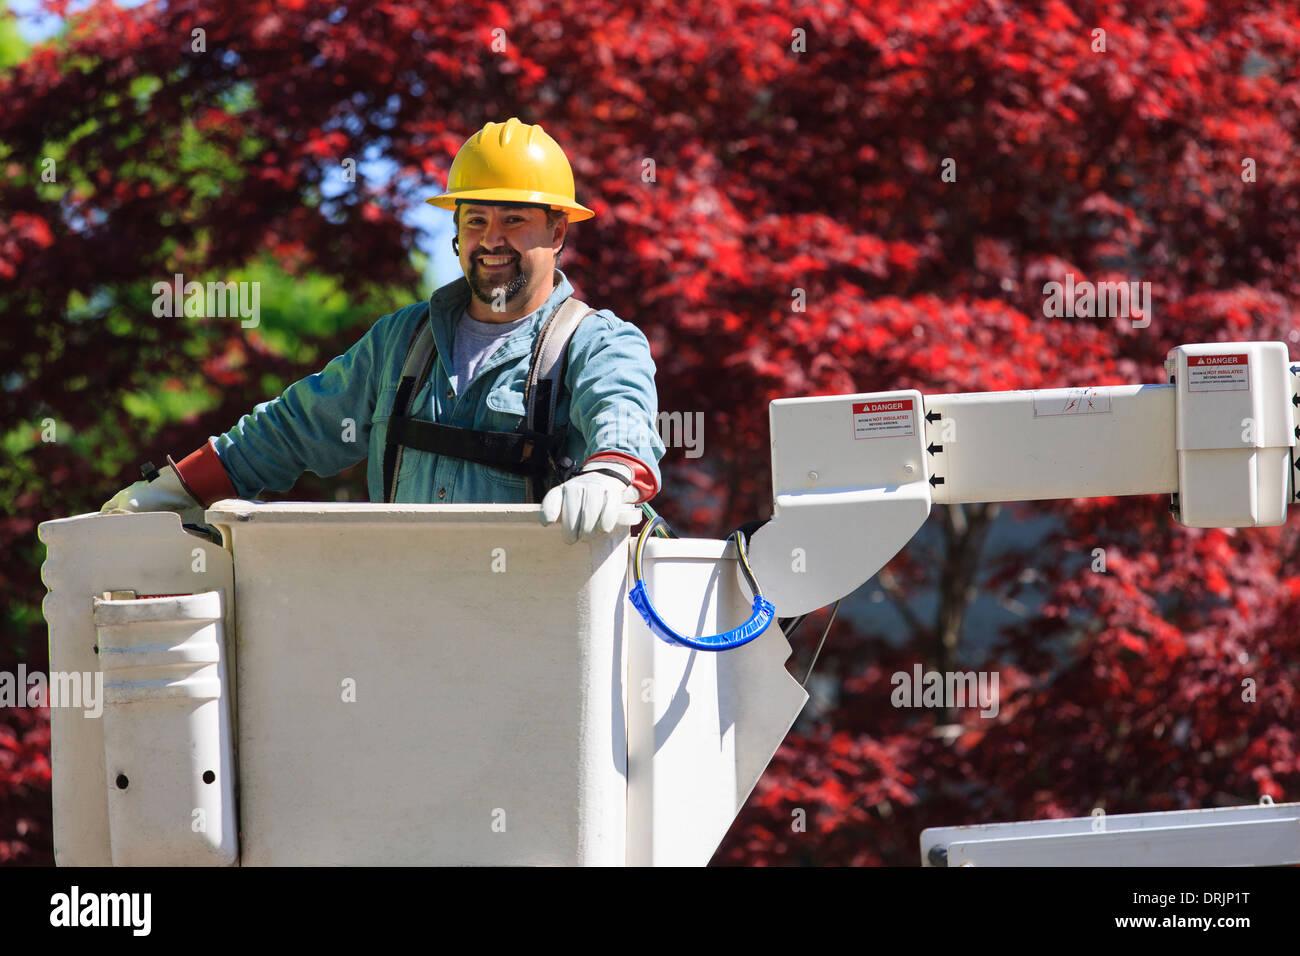 Energie Ingenieur in Eimer tragen einen Sicherheitsgurt zu heben und isolierte Handschuhe, Braintree, Massachusetts, USA Stockbild